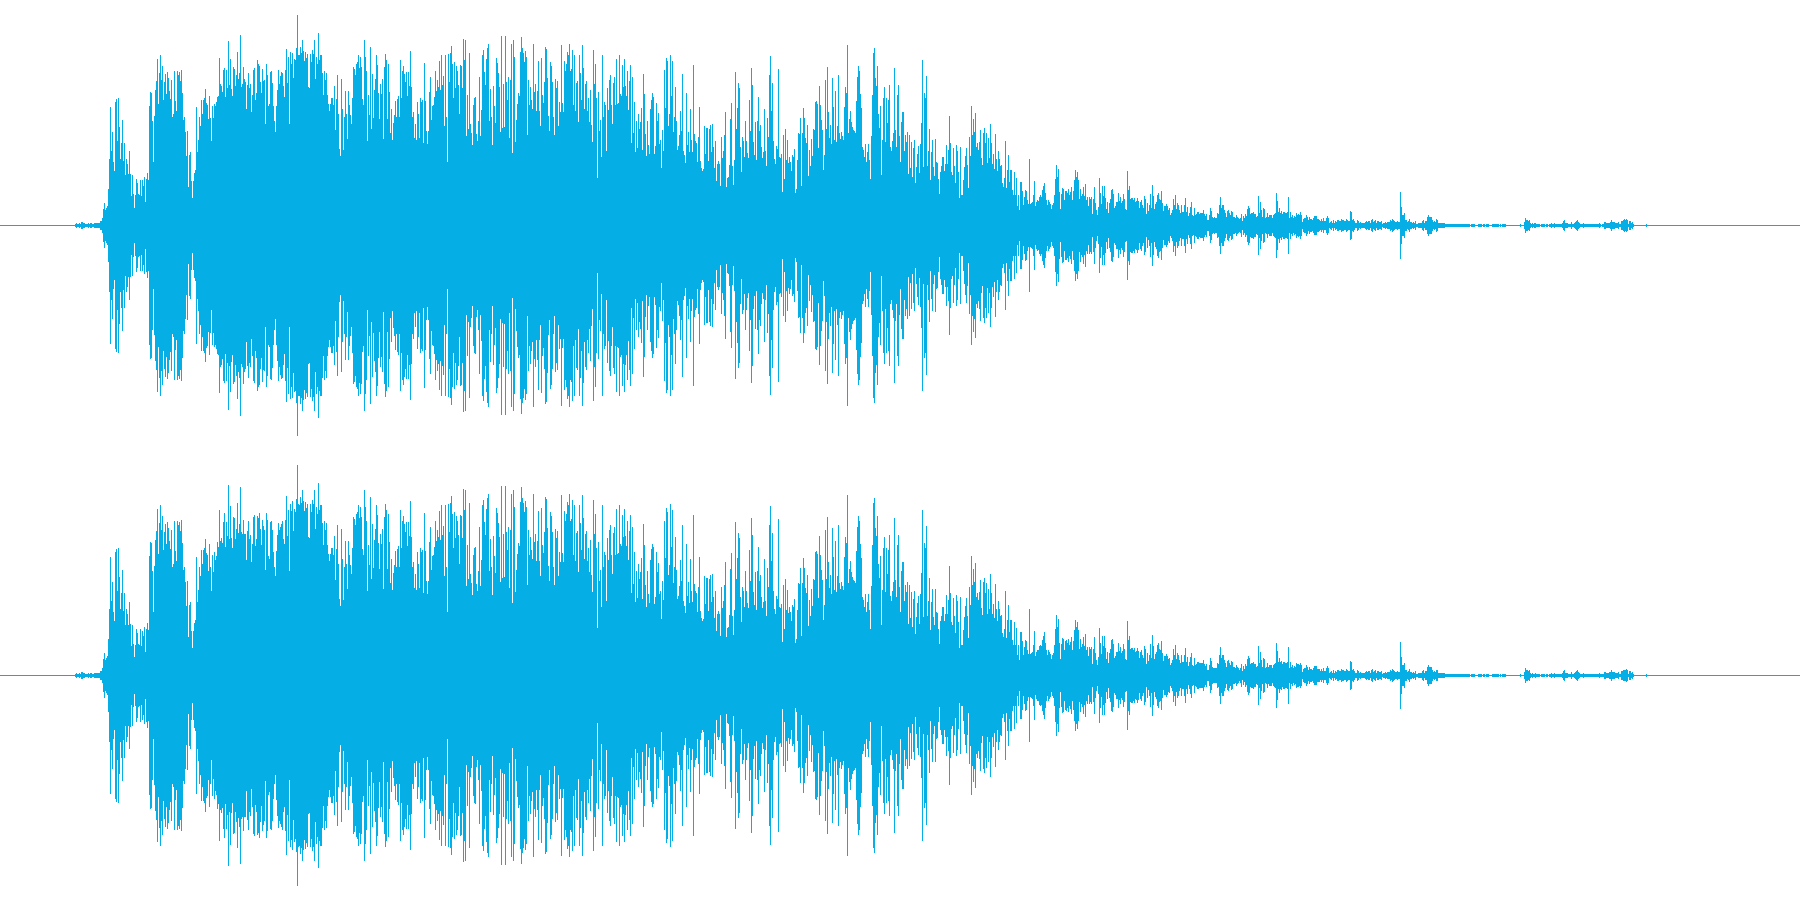 氷 沢山の氷がガシャンと鳴る音の再生済みの波形